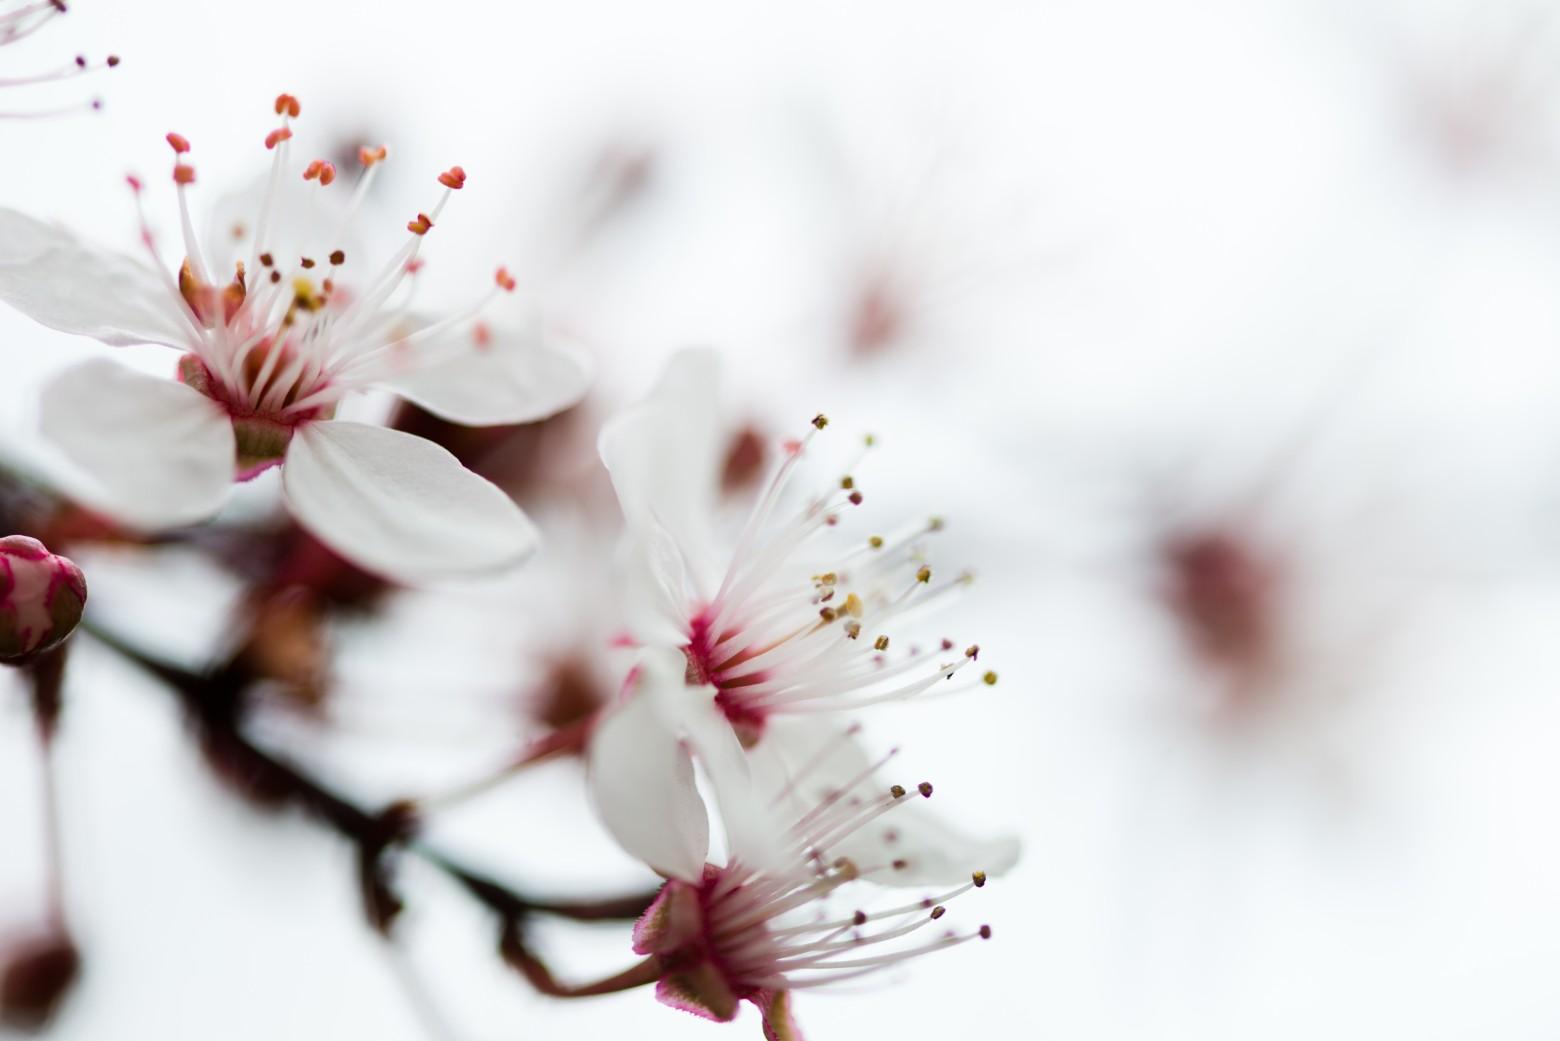 fleur blanche printemps r u00e9sum u00e9 arri u00e8re